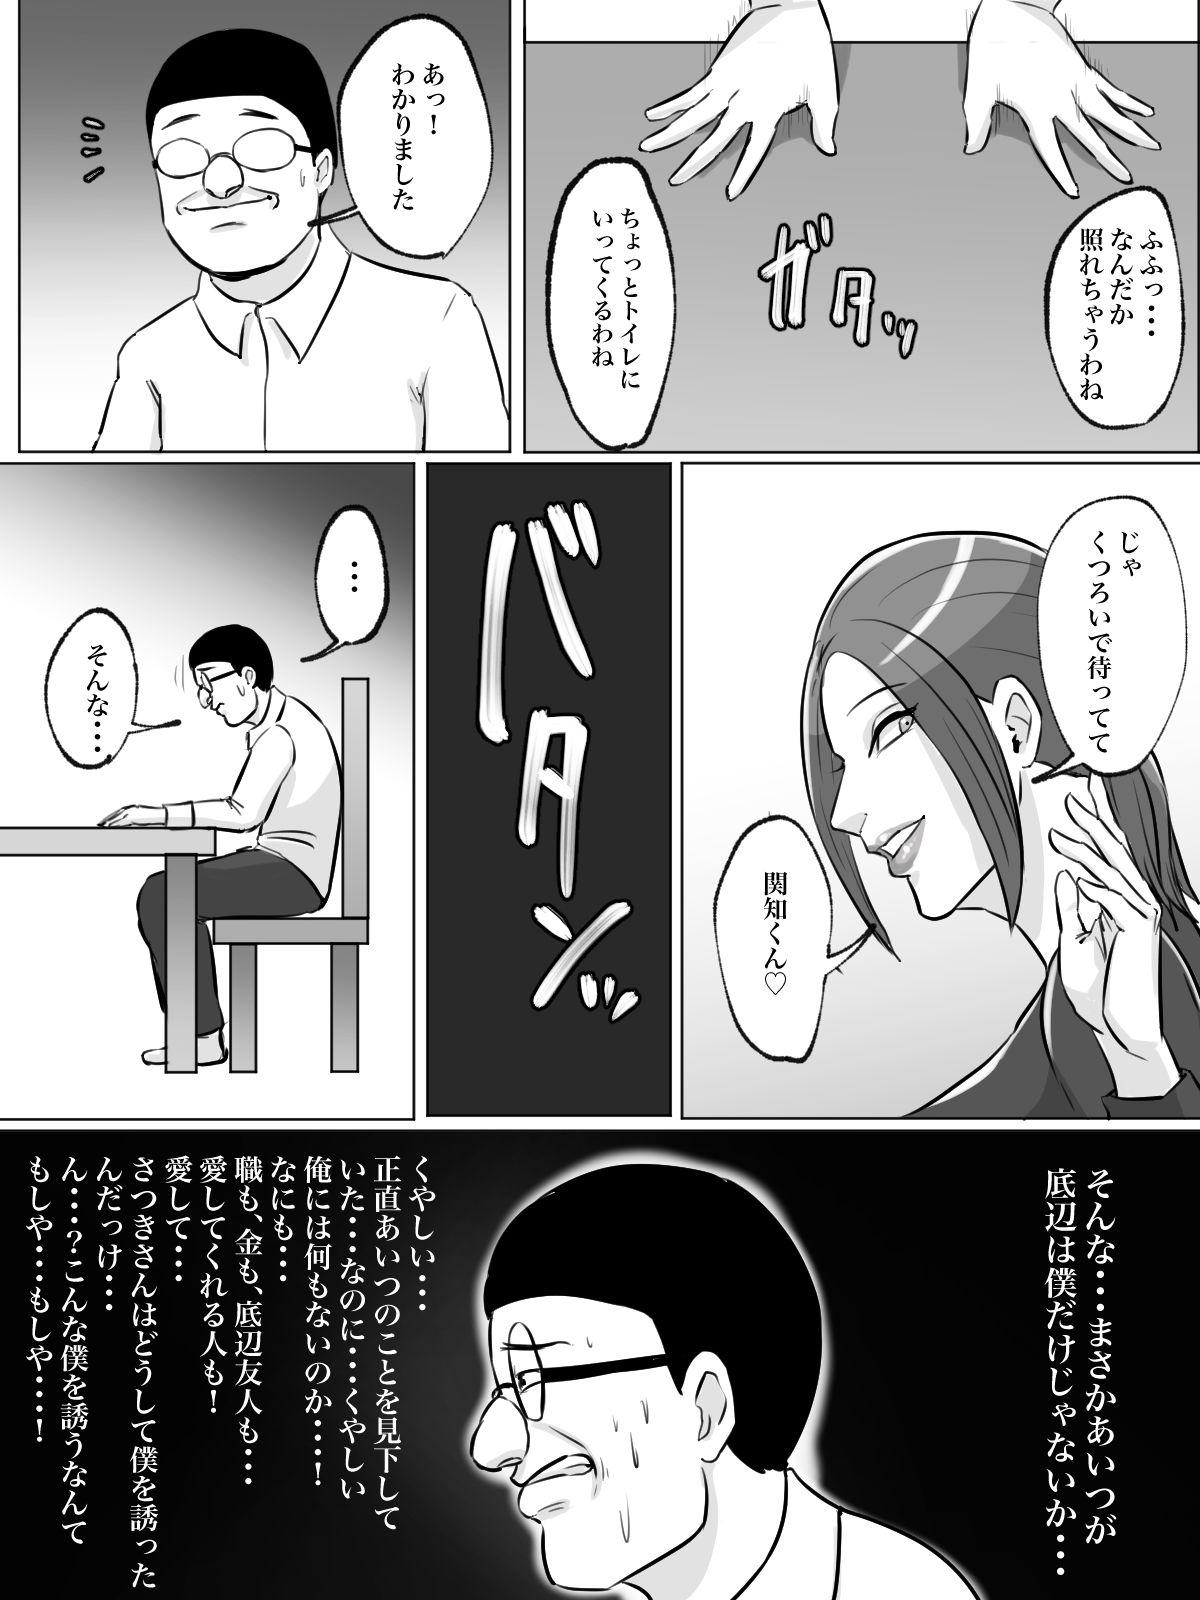 サンプル画像4:友達の母親がトイレ中なら侵入するしかない!(ちょっとB専) [d_190833]